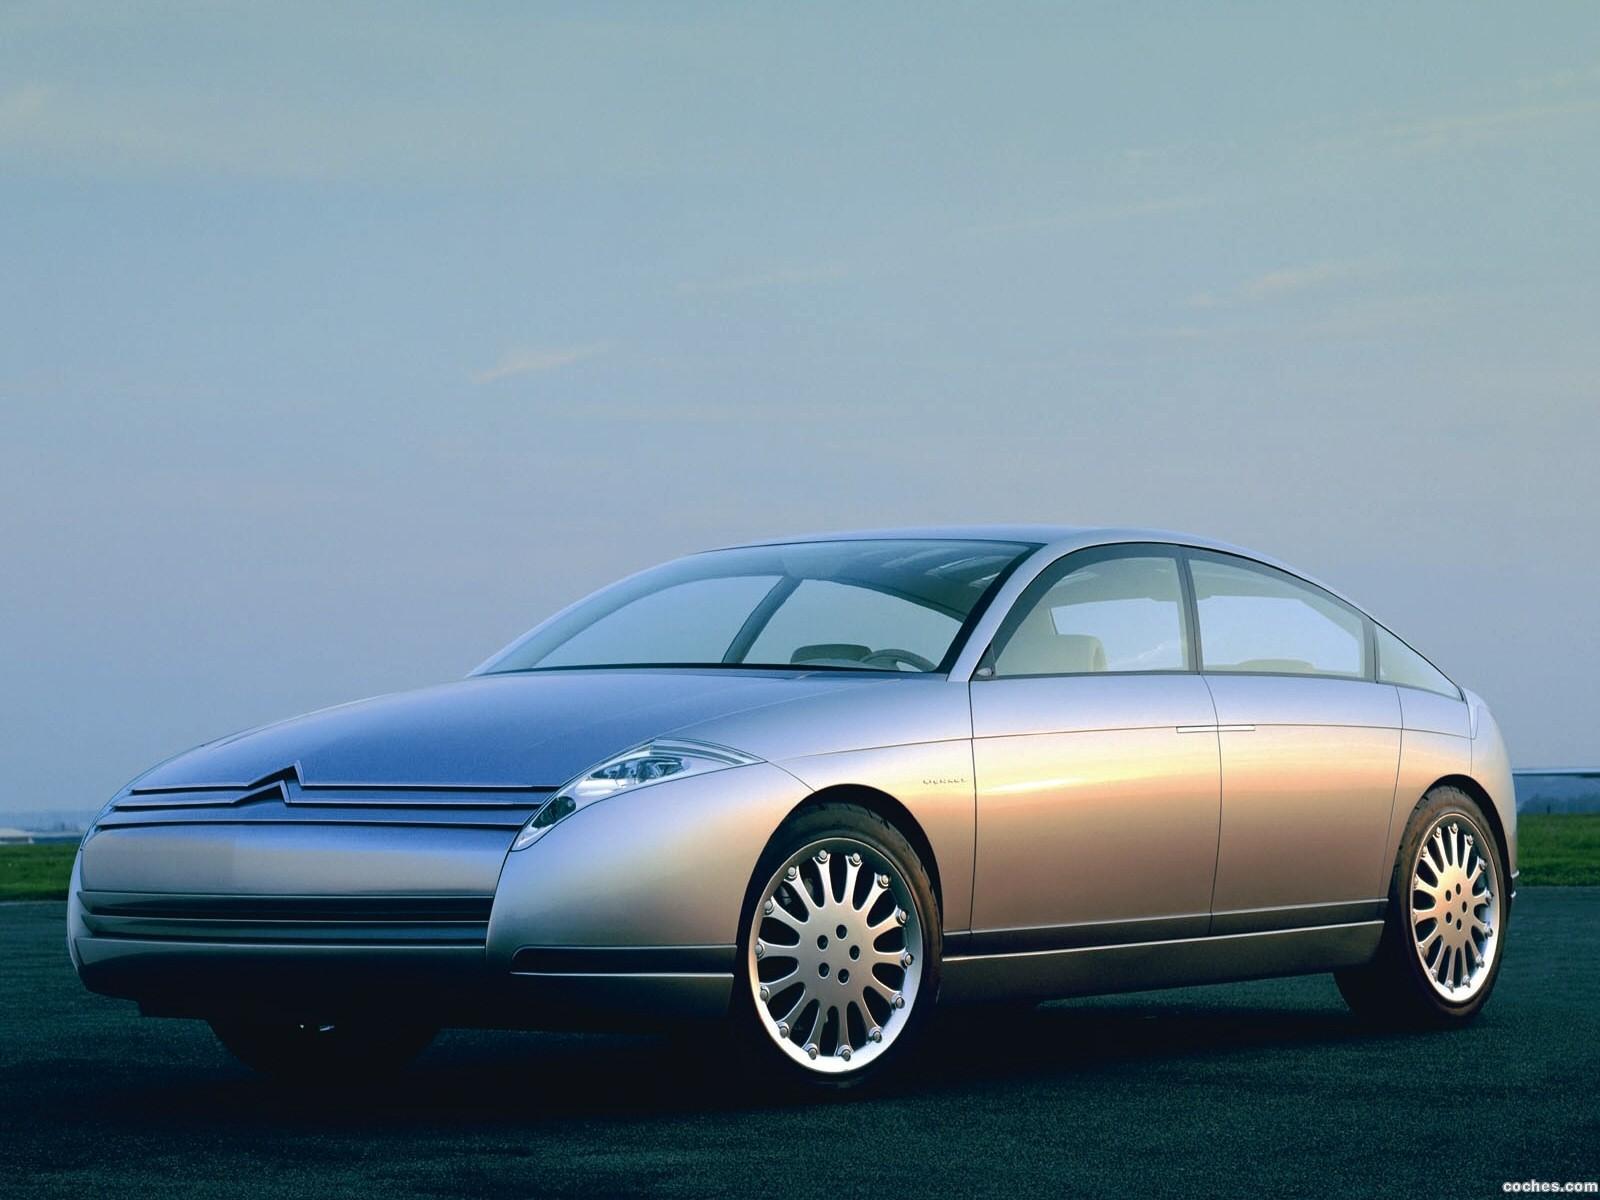 Foto 0 de Citroen C6 Lignage Concept 1999